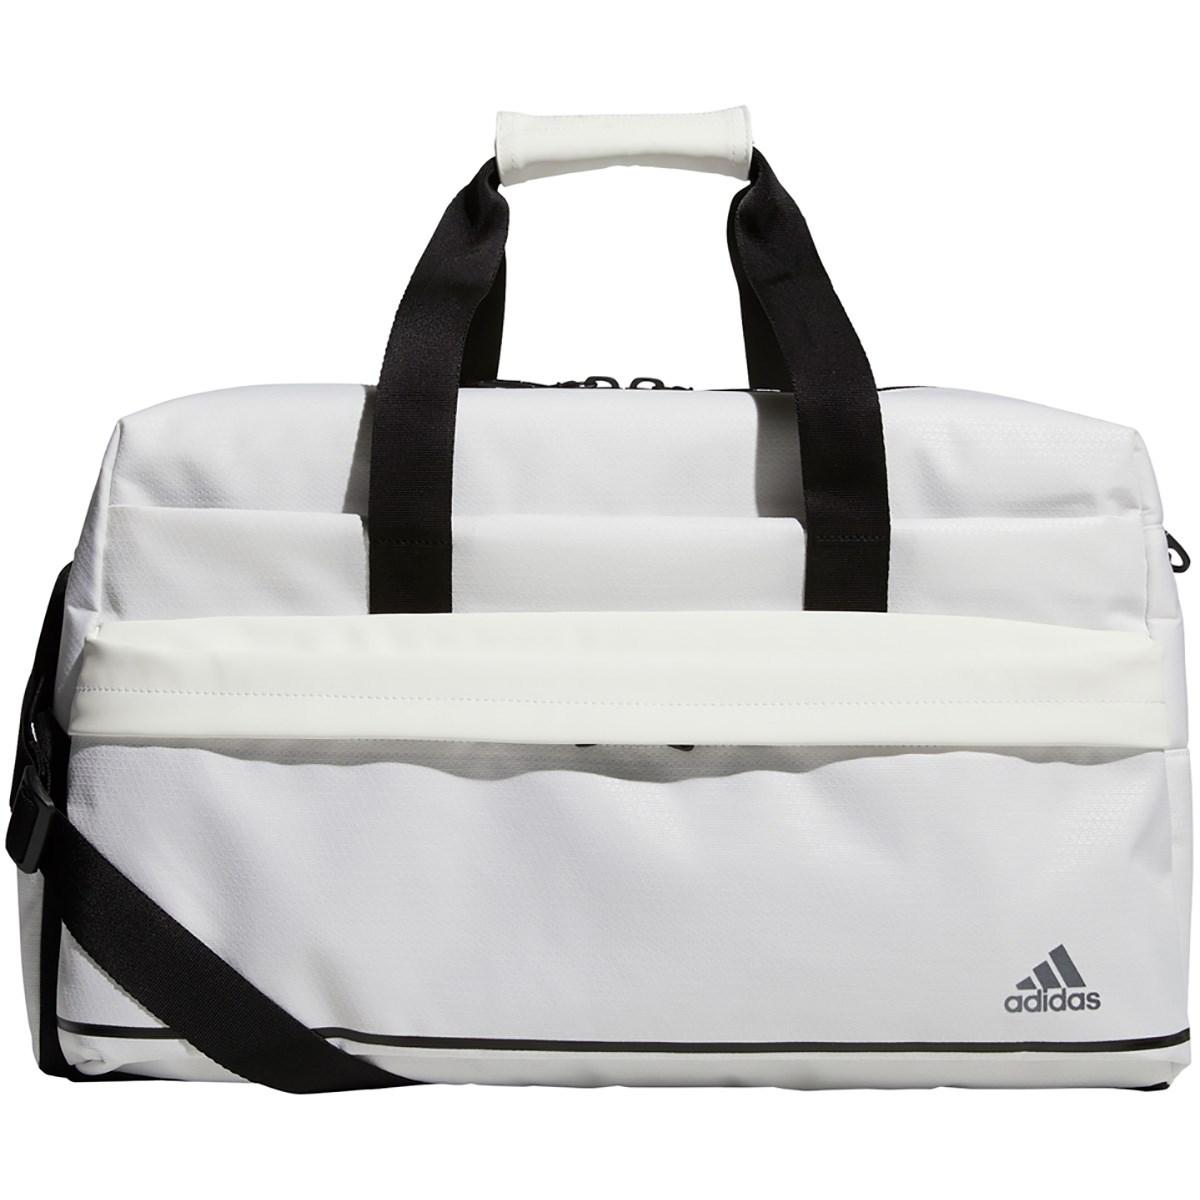 アディダス Adidas ダッフルバッグ ホワイト